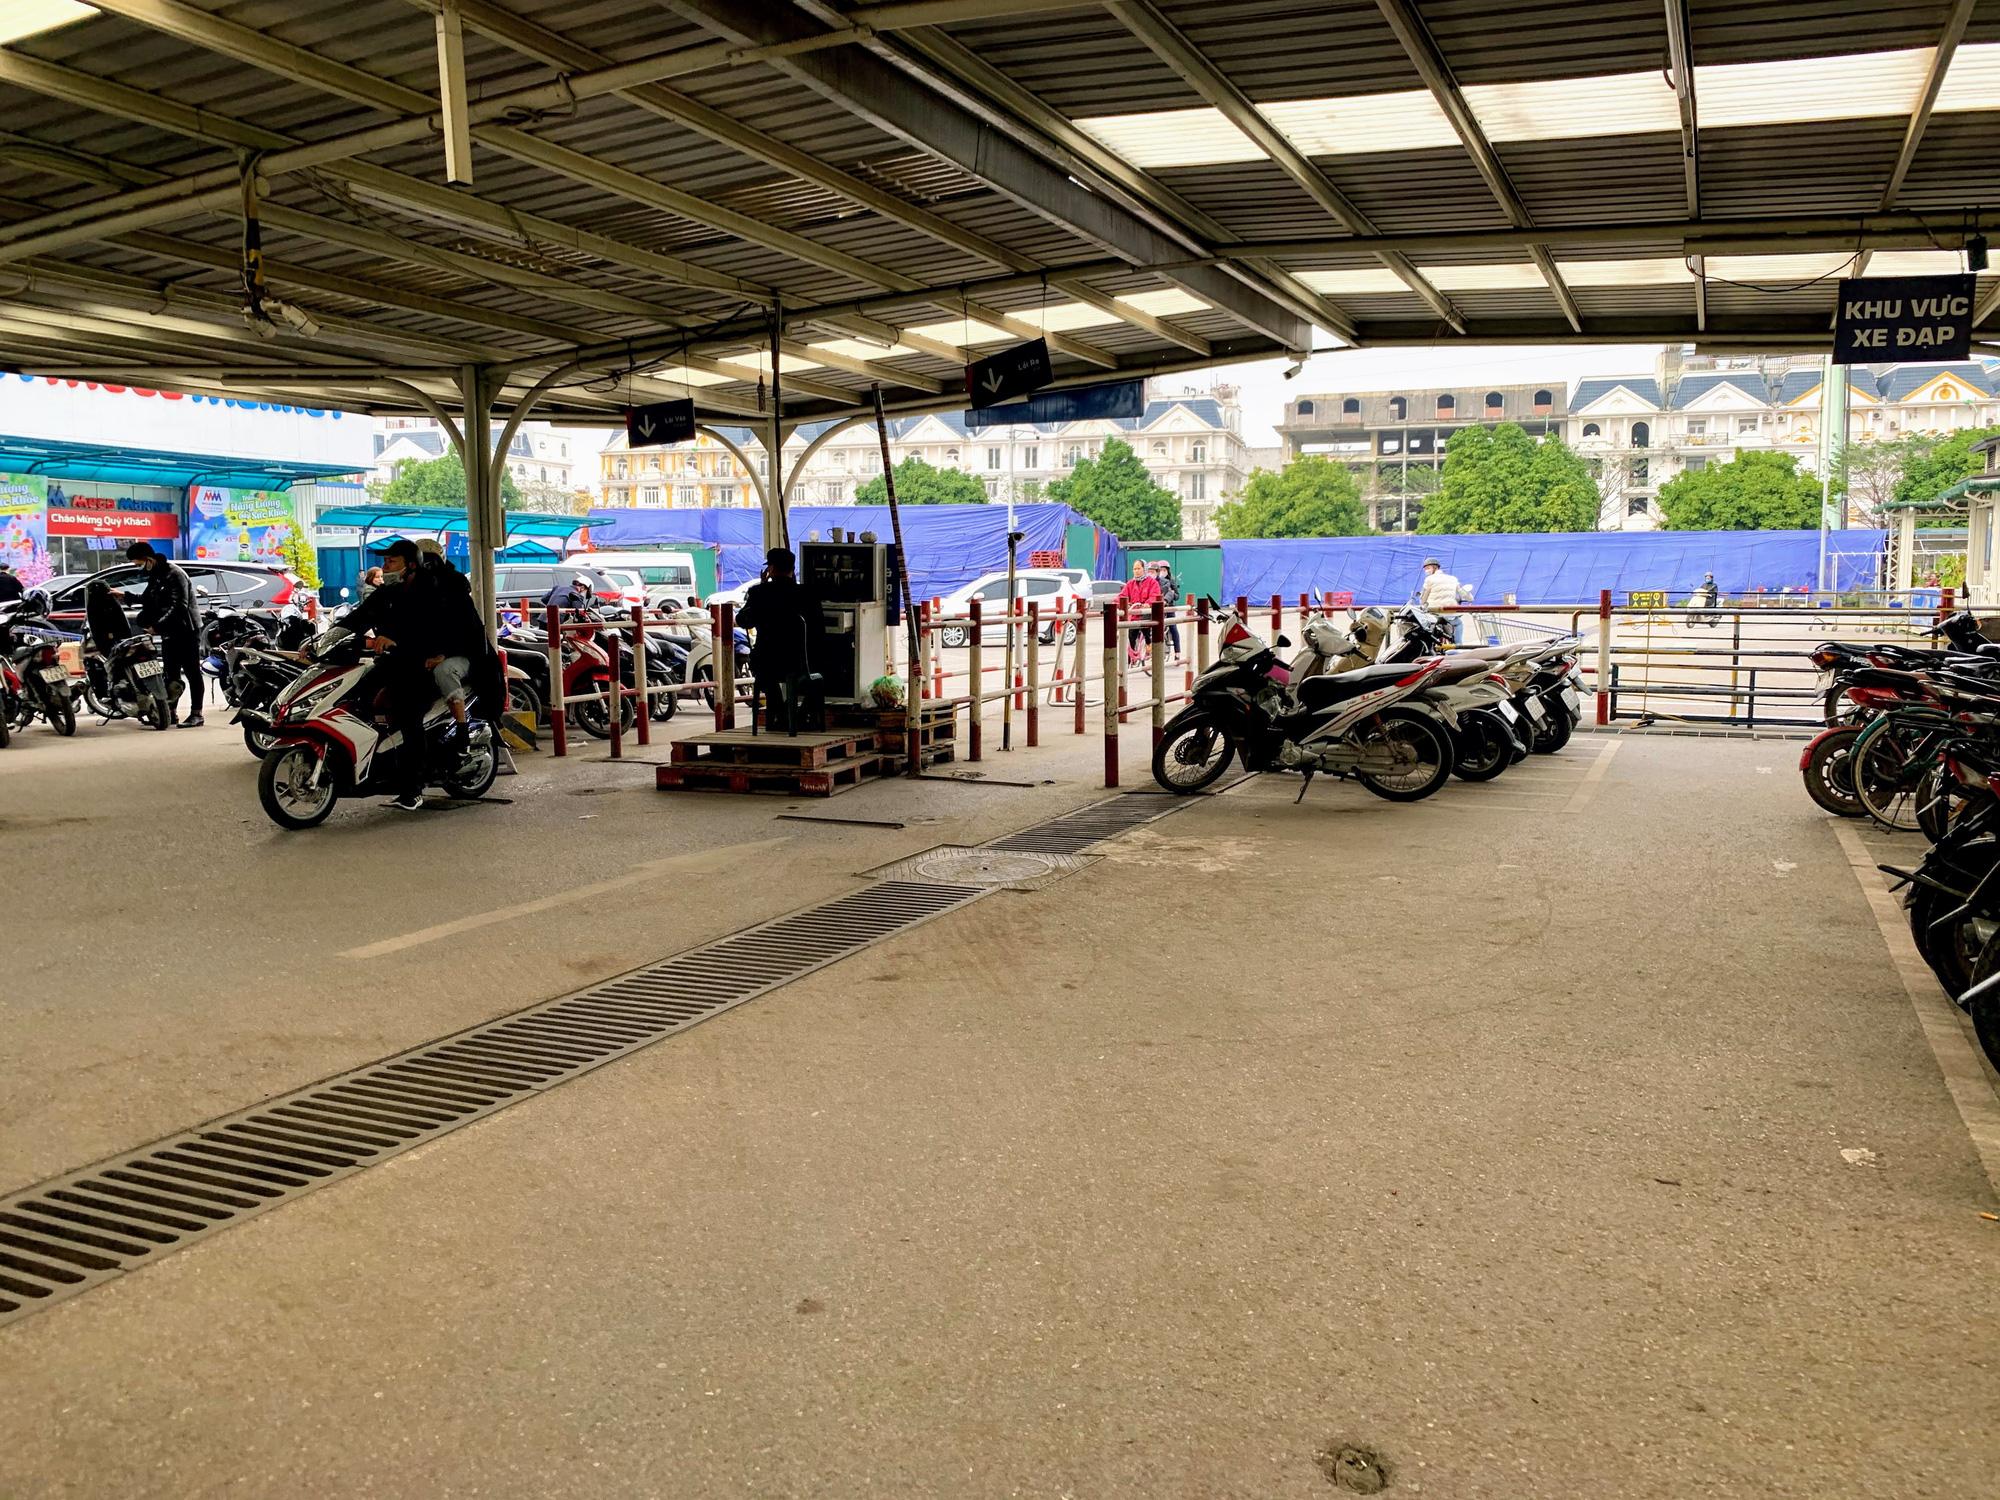 Siêu thị, trung tâm thương mại ở Hà Nội vắng tanh không một bóng người trước đại dịch virus corona - Ảnh 4.